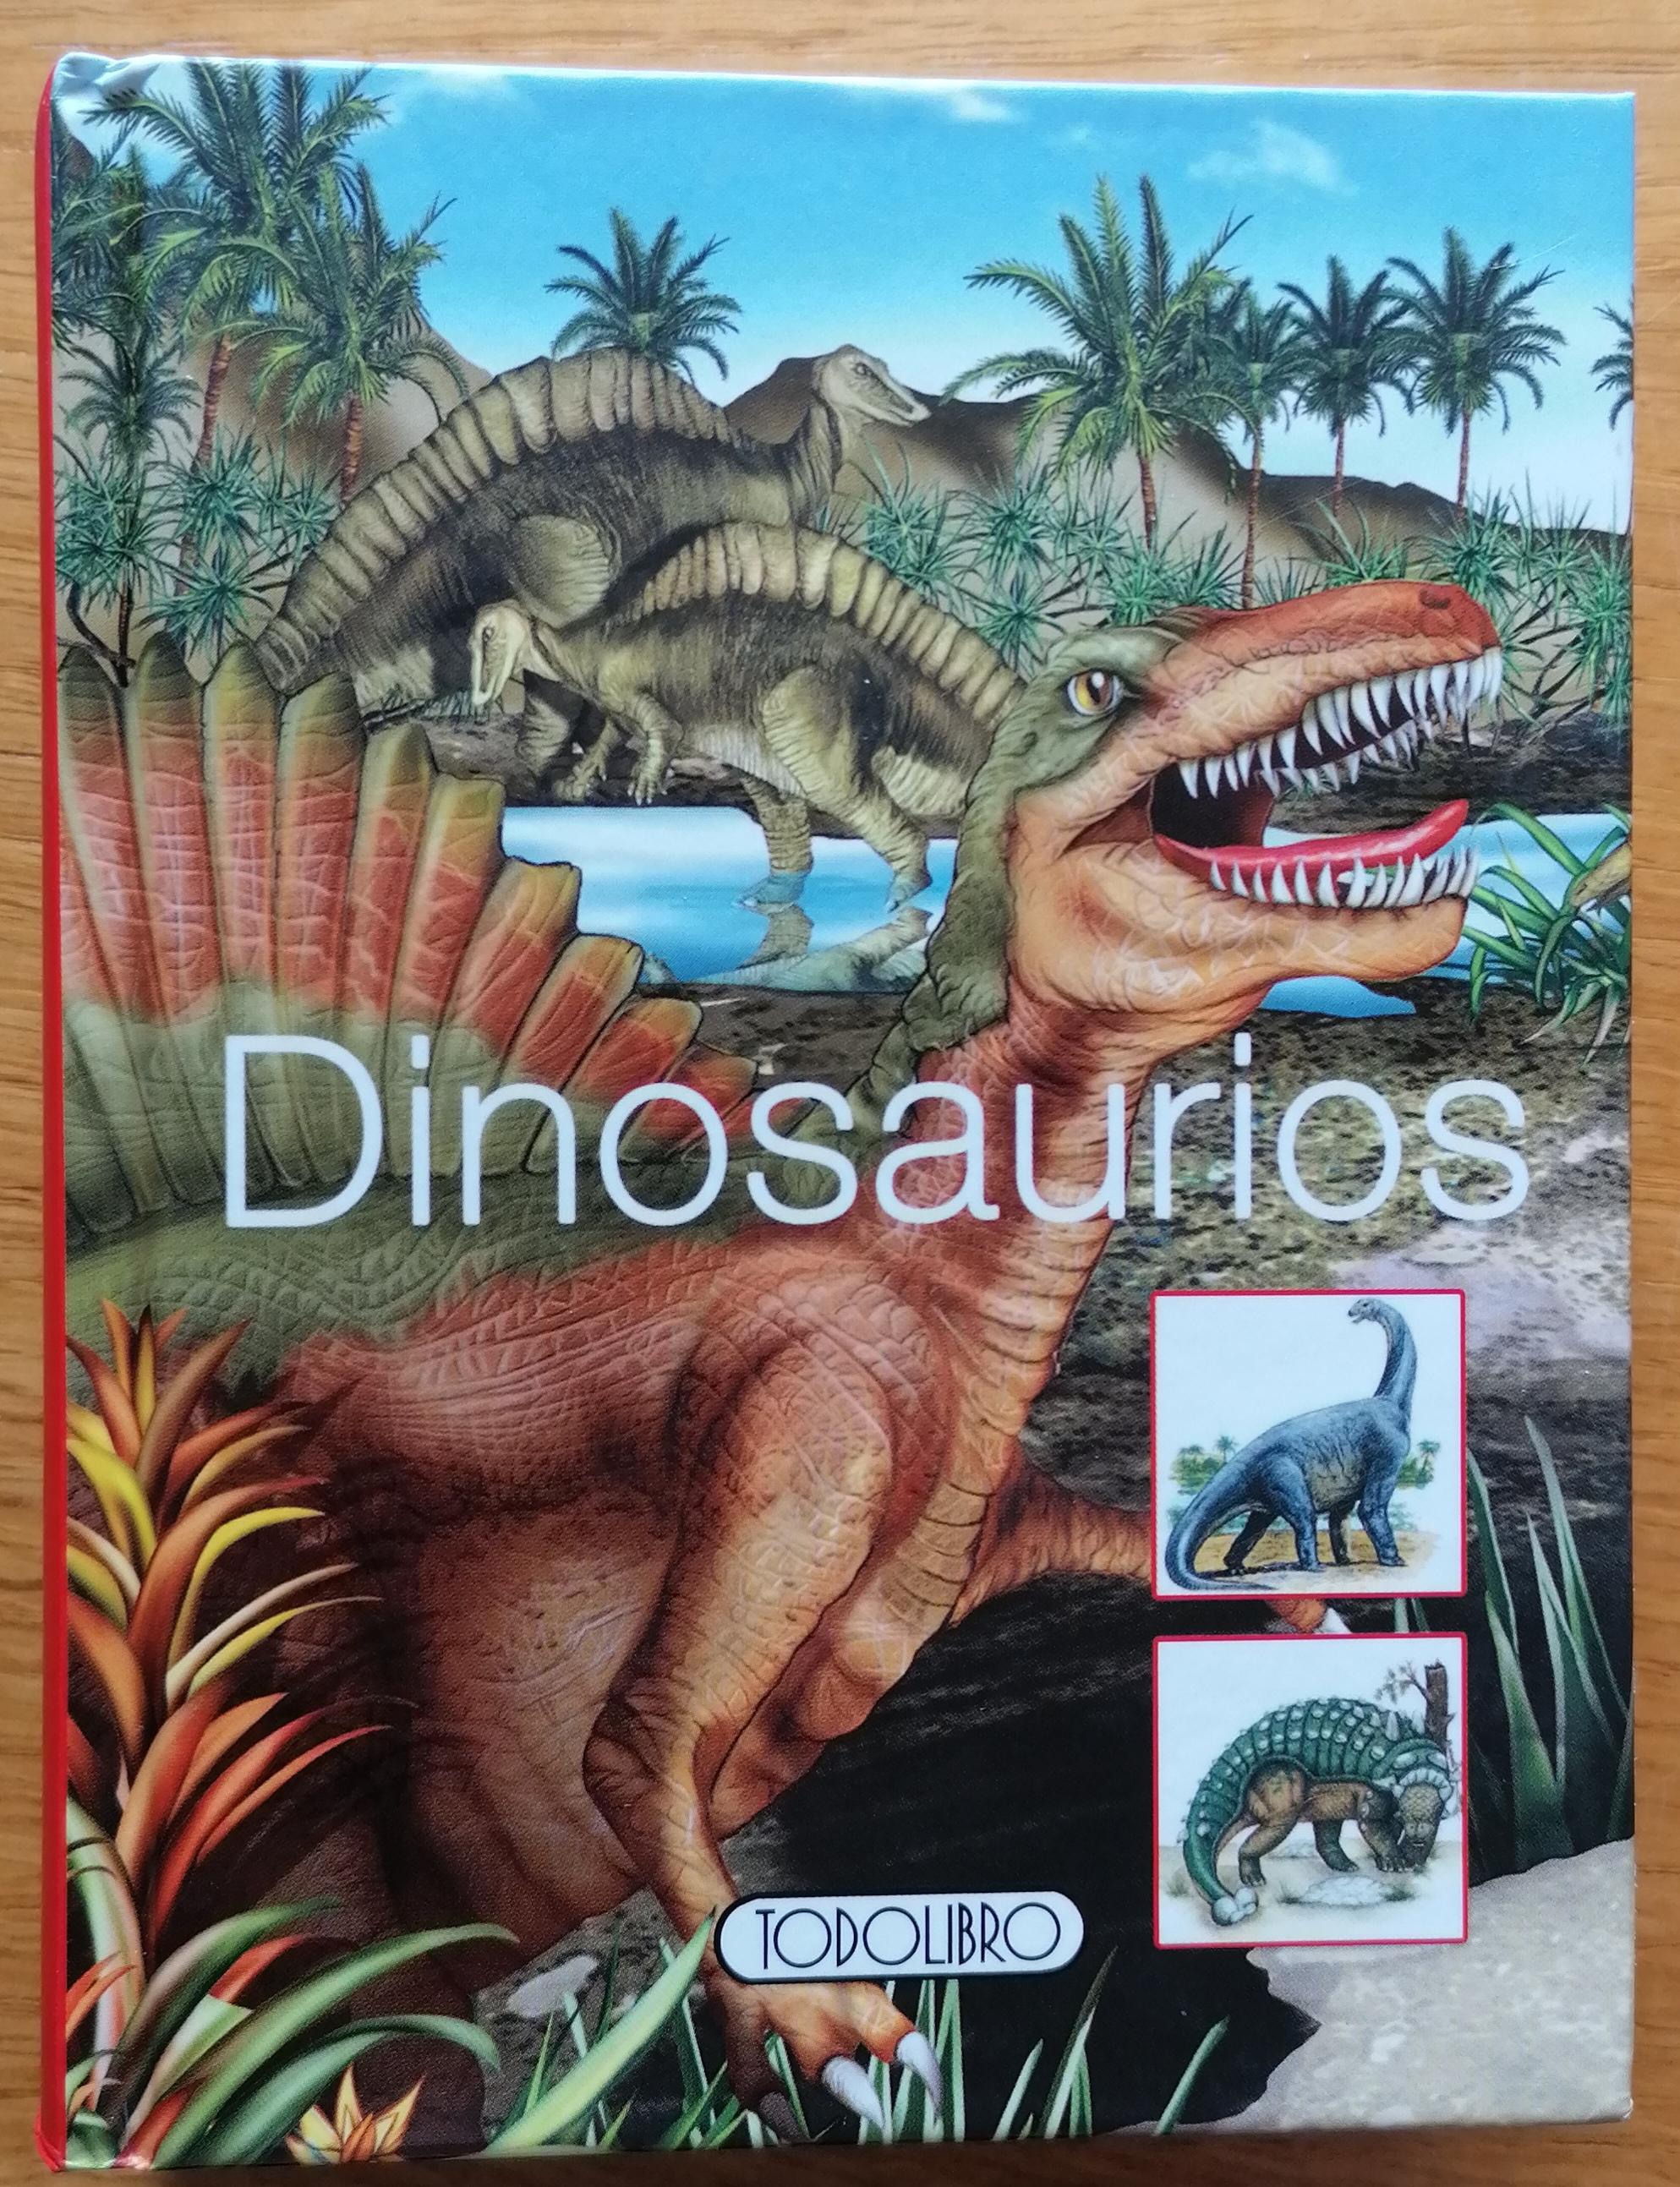 Dinosaurios - Todolibro, Equipo